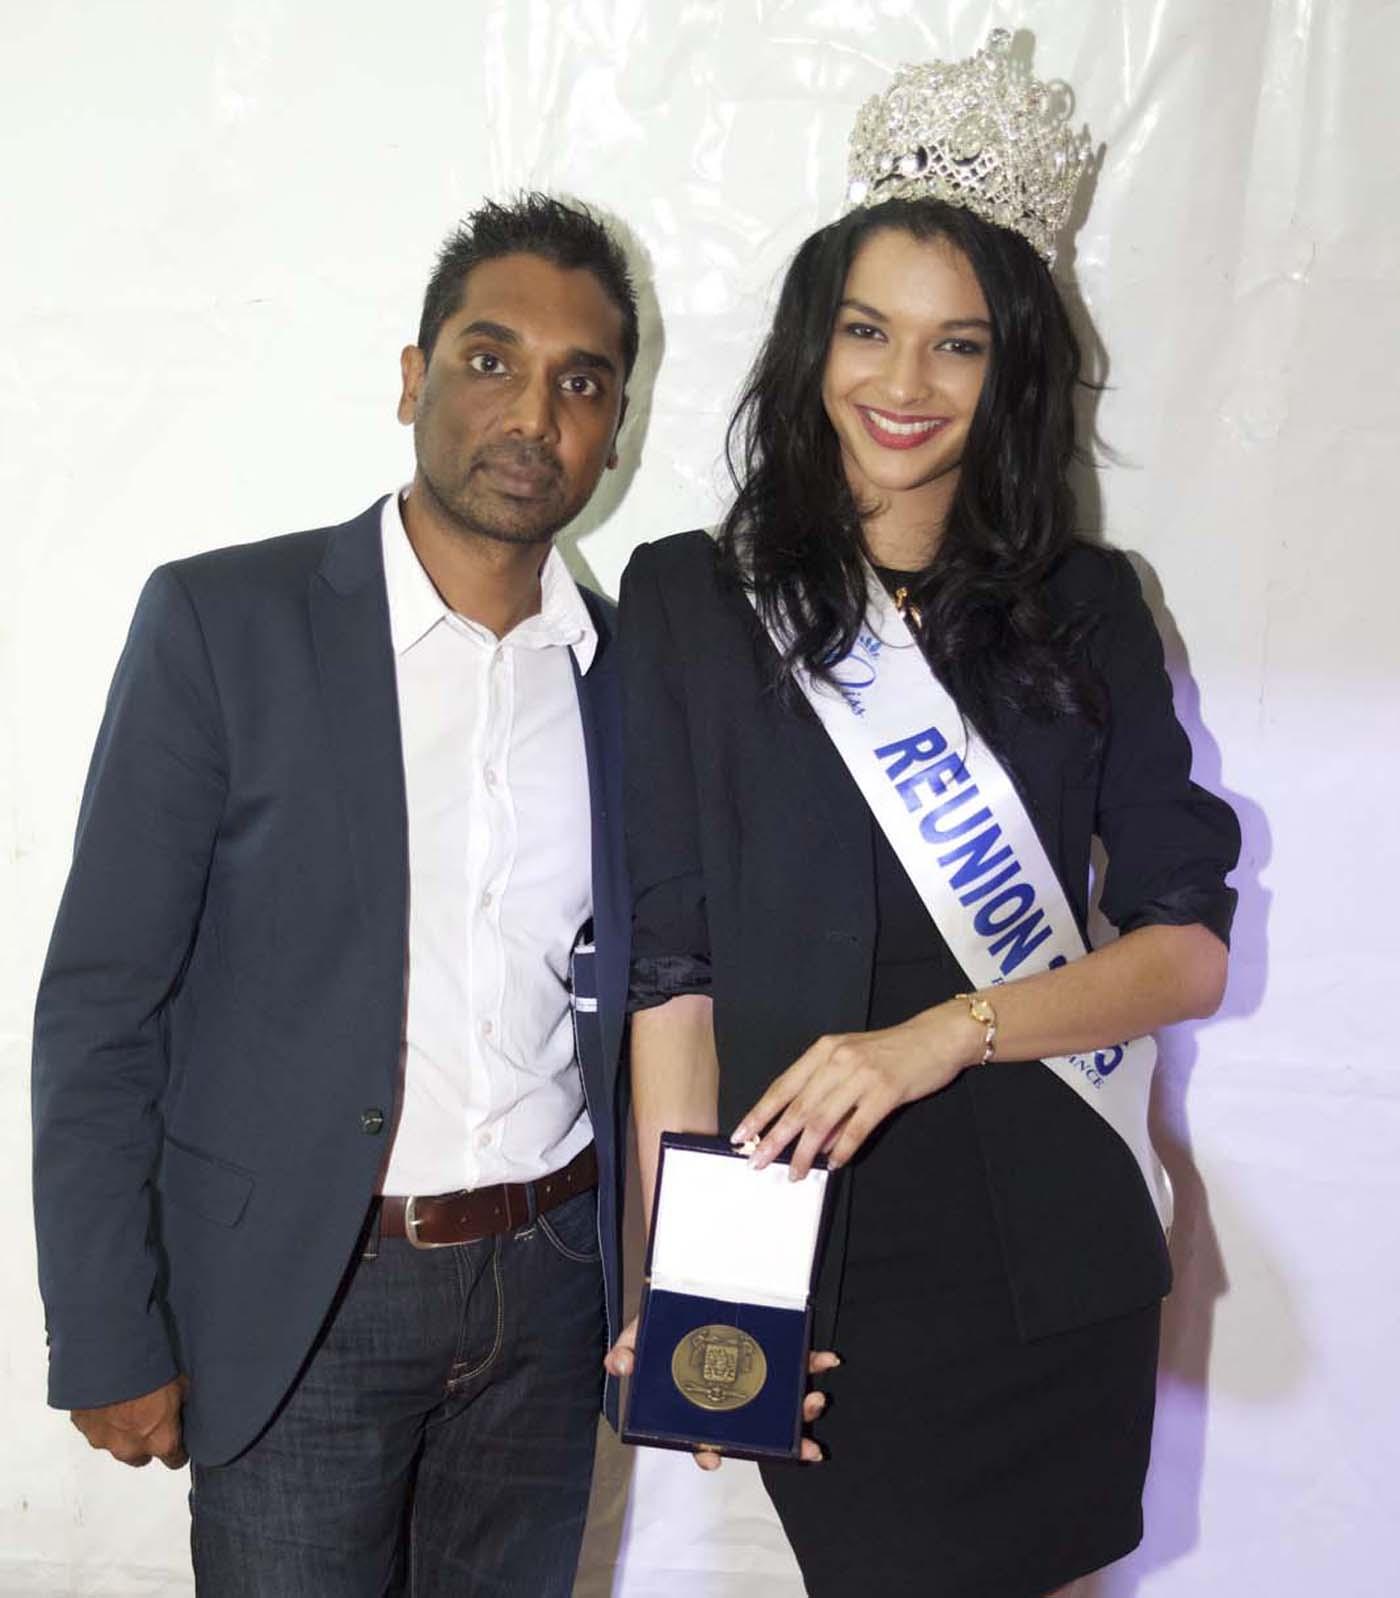 C'est Patrice Selly, 1er adjoint au maire, qui a remis la médaille de la Ville de Saint-Benoît à Miss Réunion 2015